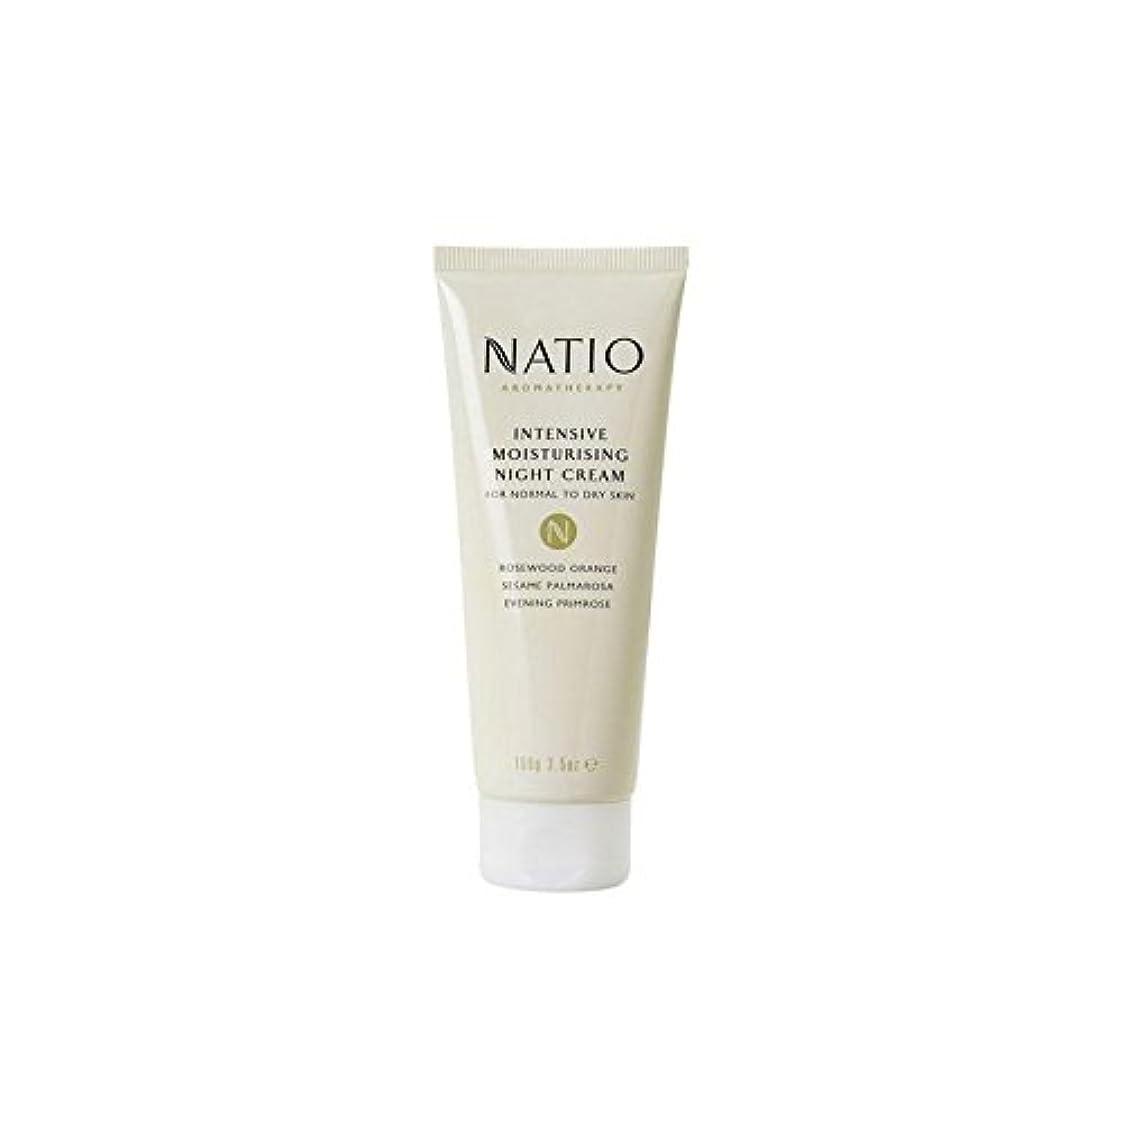 抜け目がない咳レタス集中的な保湿ナイトクリーム(100グラム) x4 - Natio Intensive Moisturising Night Cream (100G) (Pack of 4) [並行輸入品]